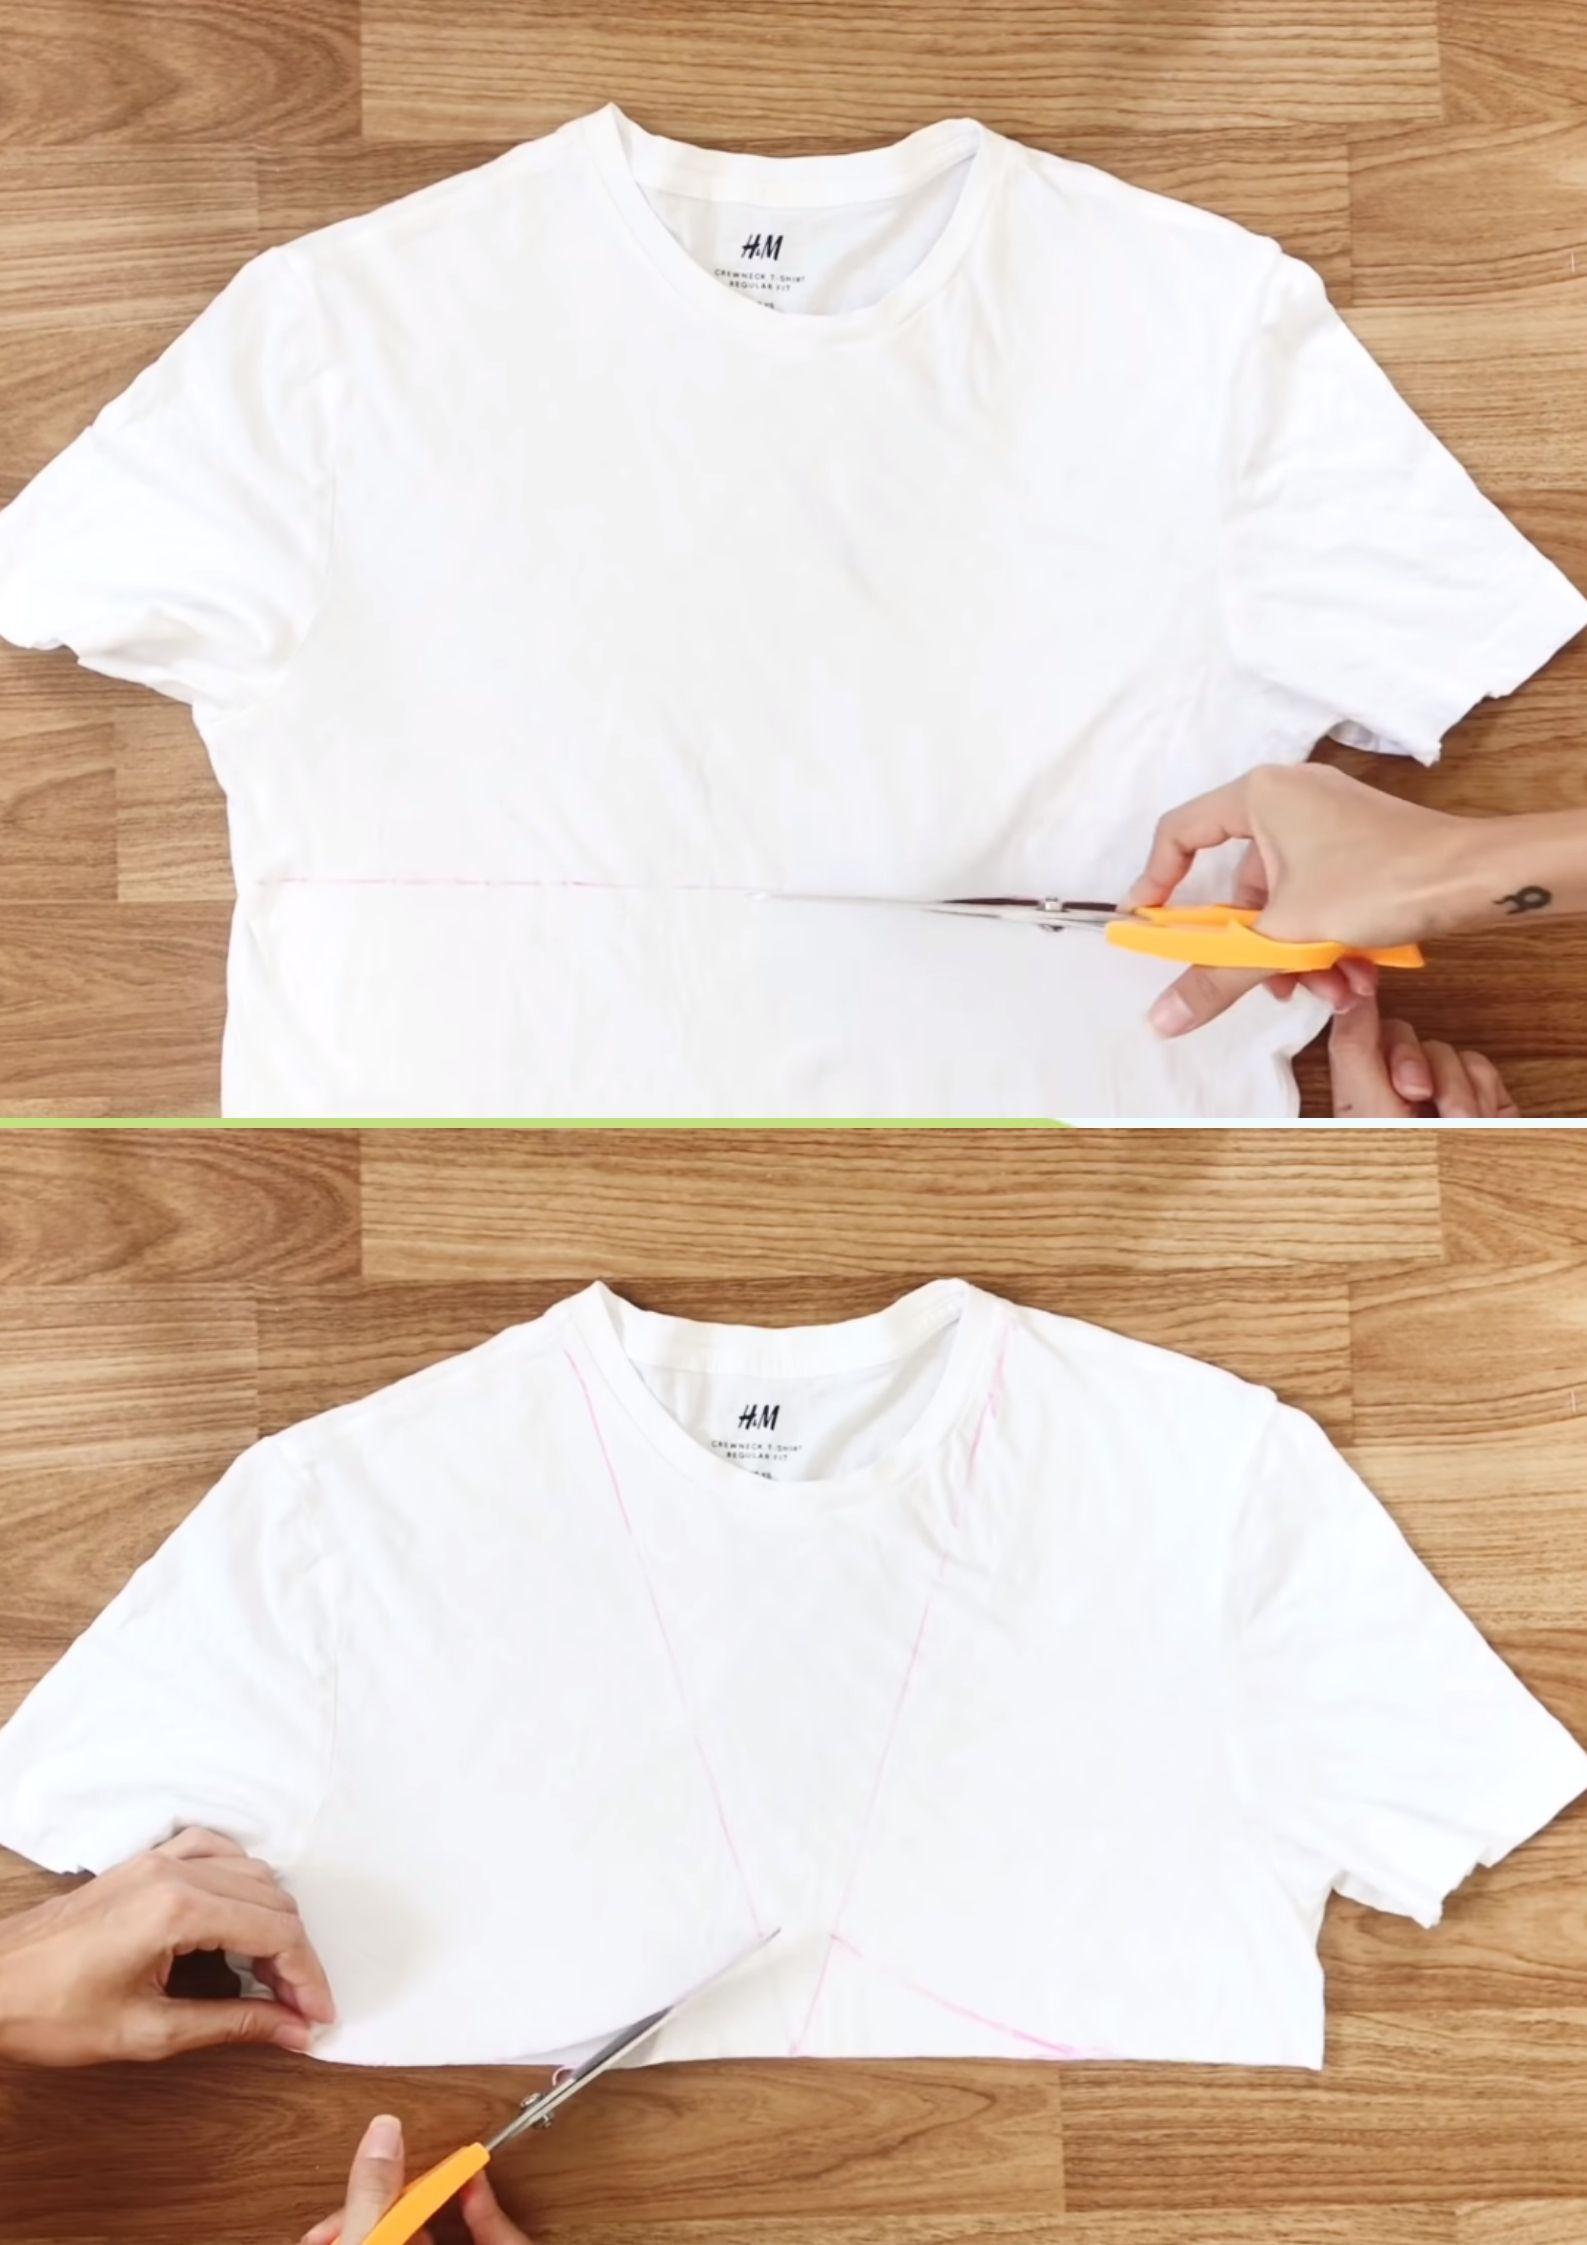 croptop nhún bèo từ quần áo cũ bước cắt áo